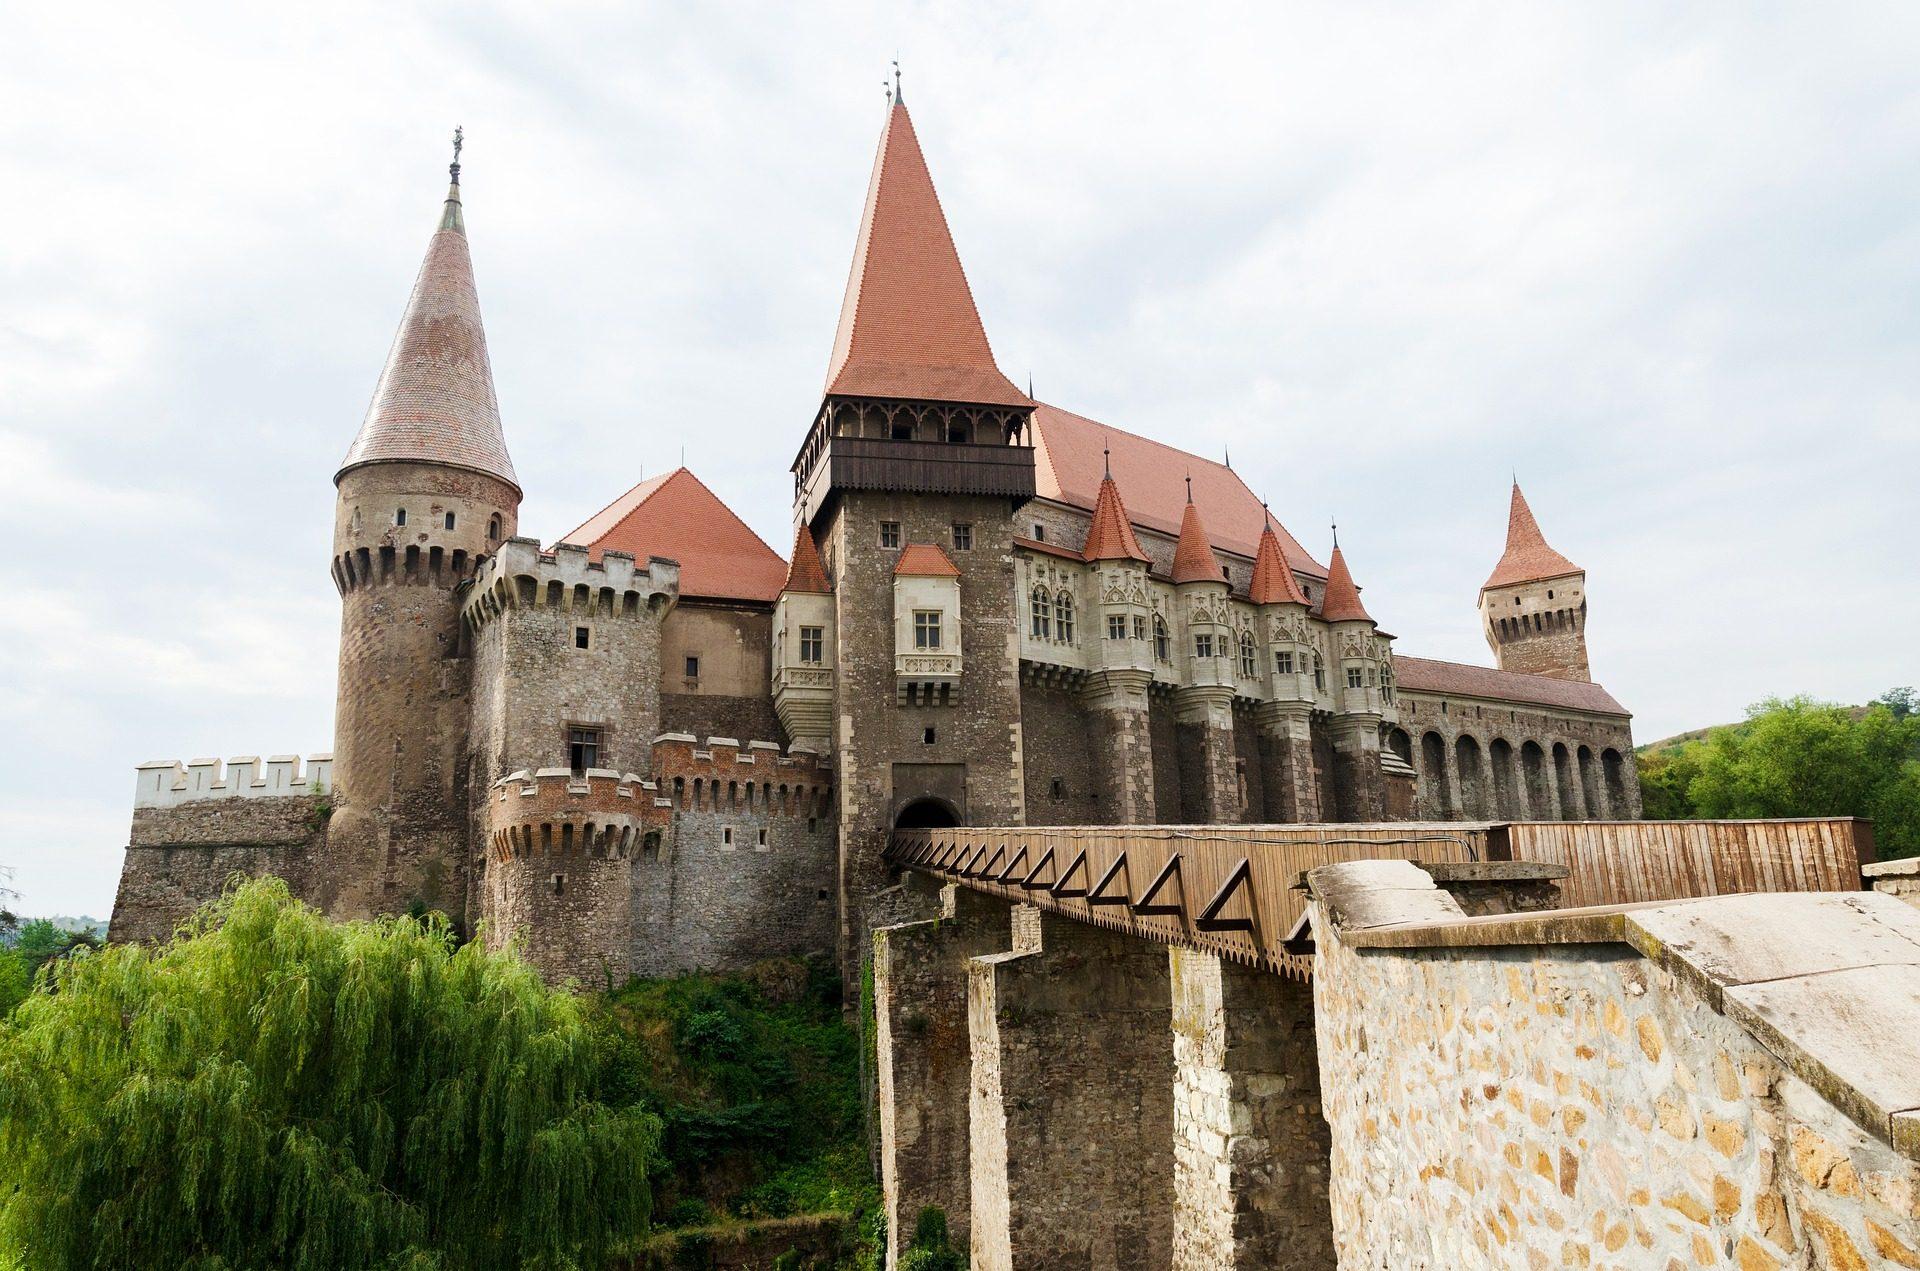 Schloss, Festung, Torres, alt, Brücke - Wallpaper HD - Prof.-falken.com